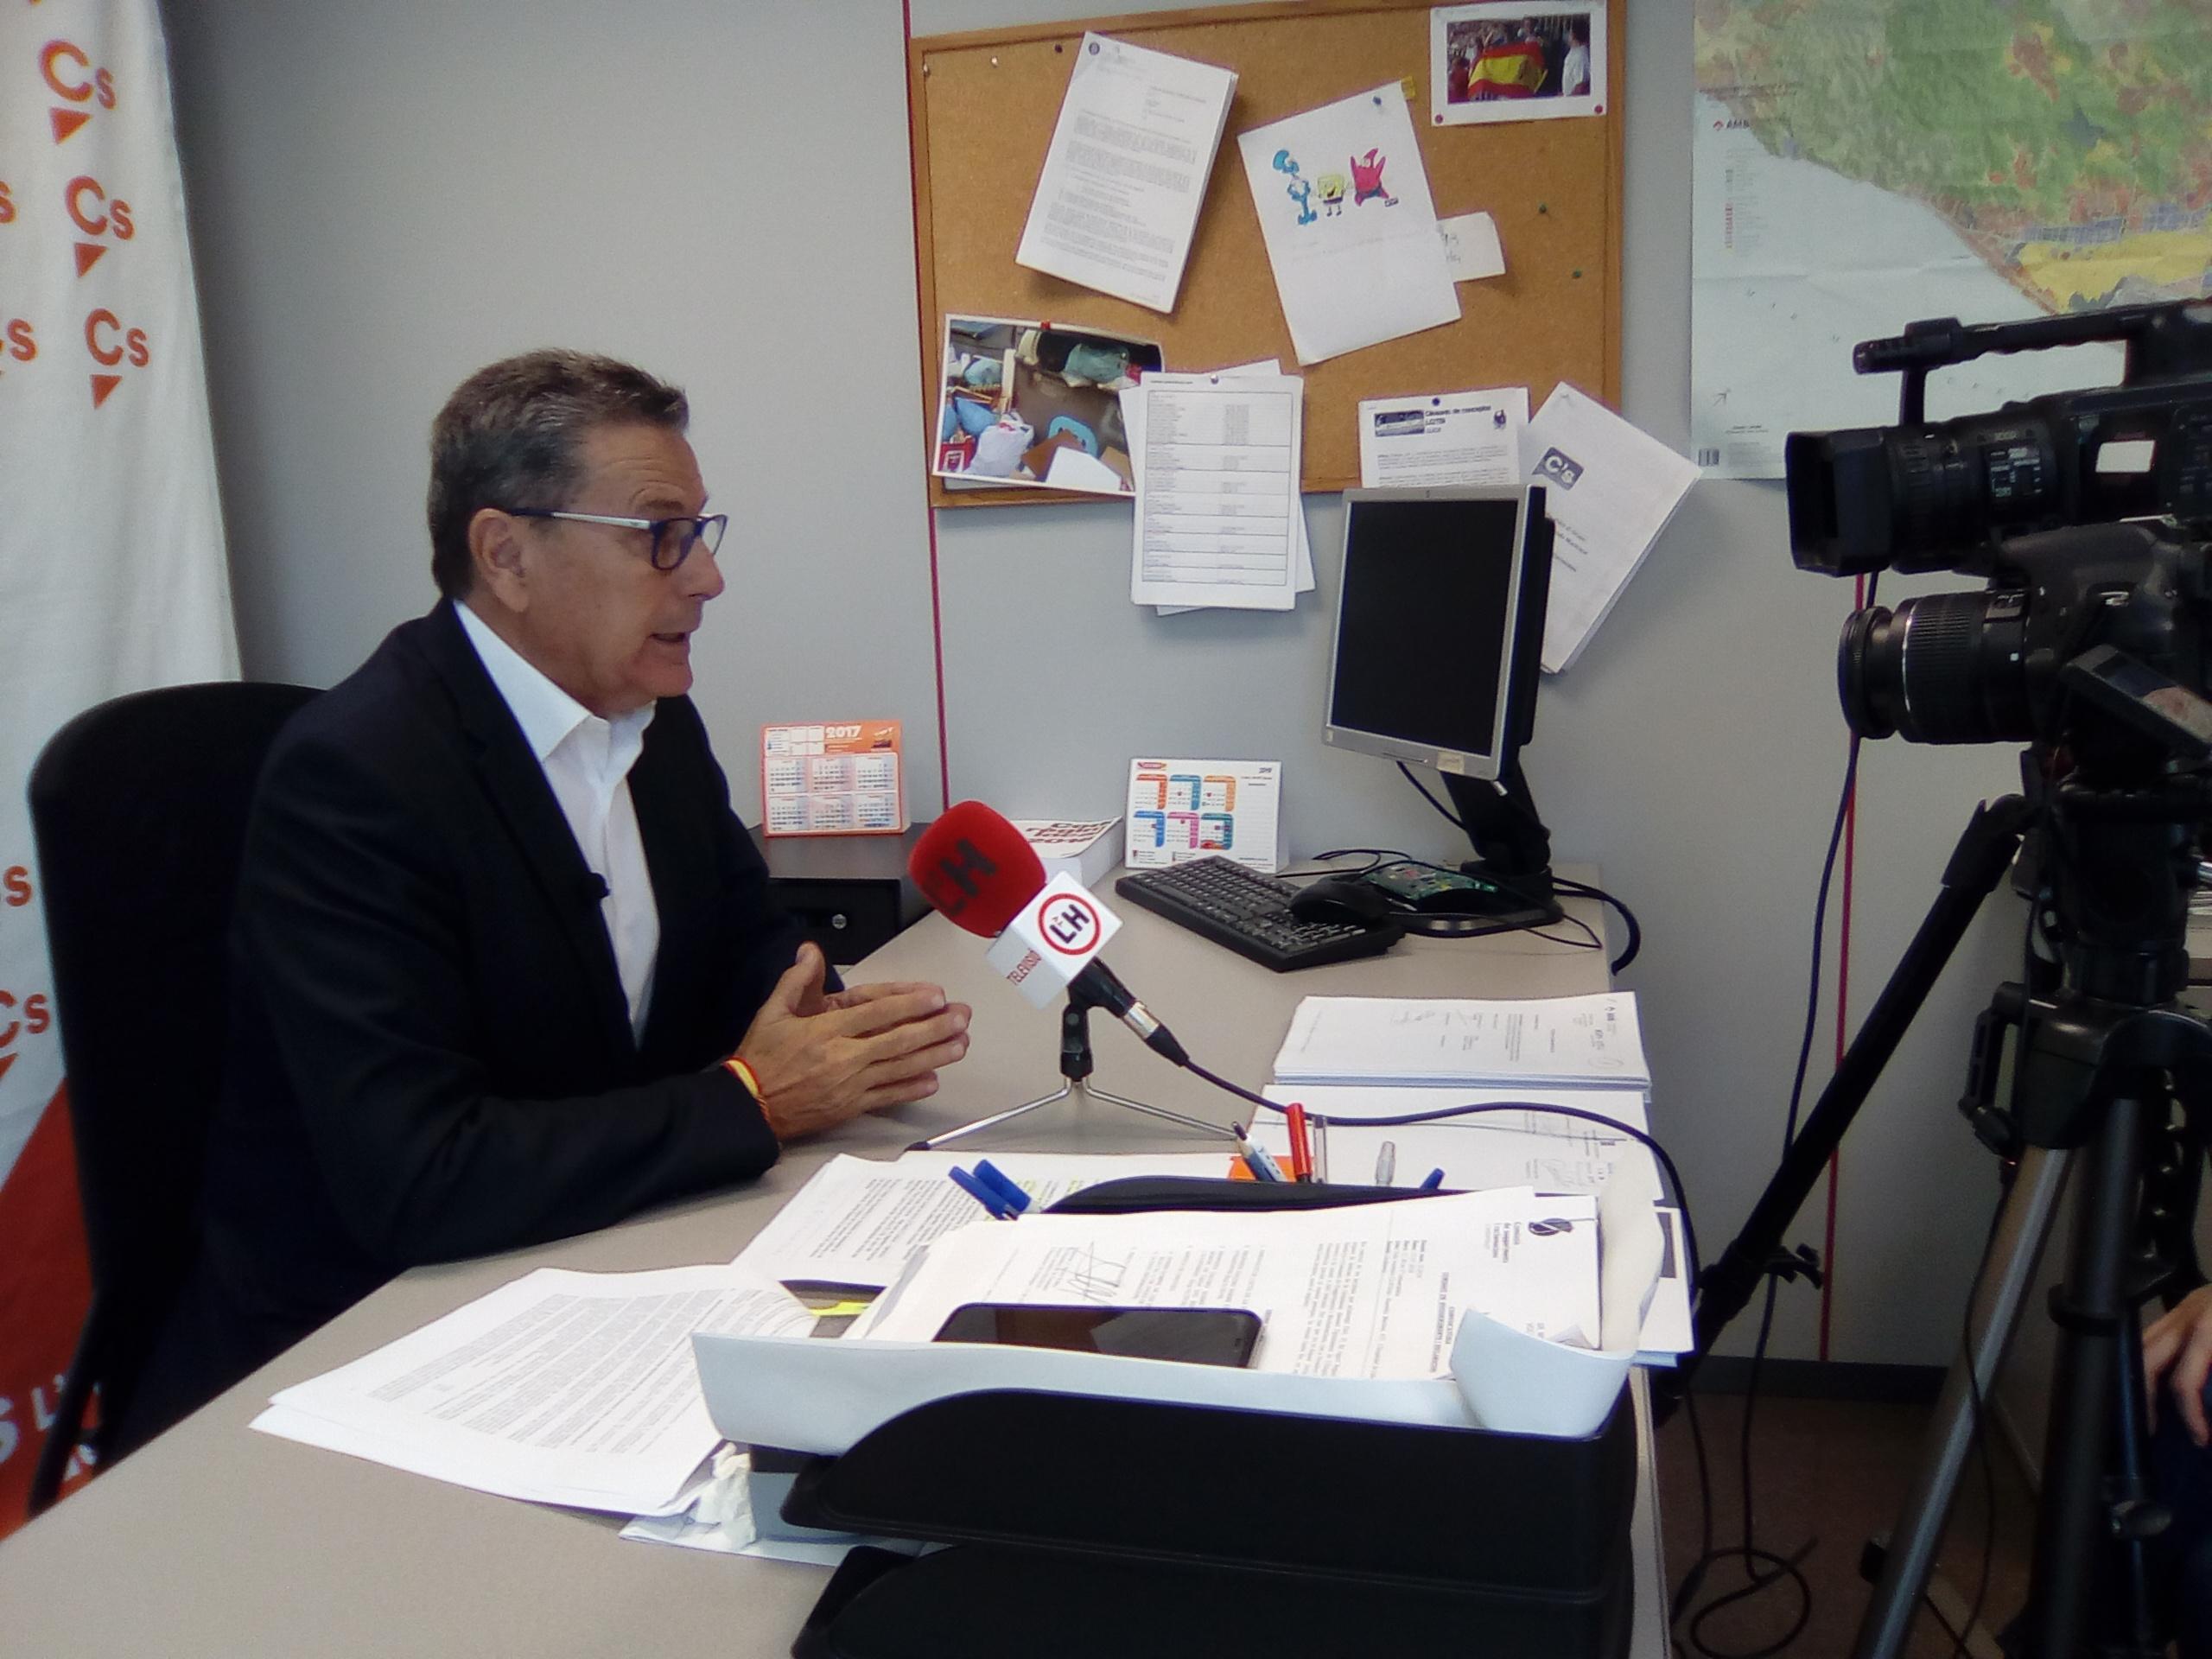 Miguel García, portavoz de Ciudadanos (Cs) en el Ayuntamiento de l'Hospitalet